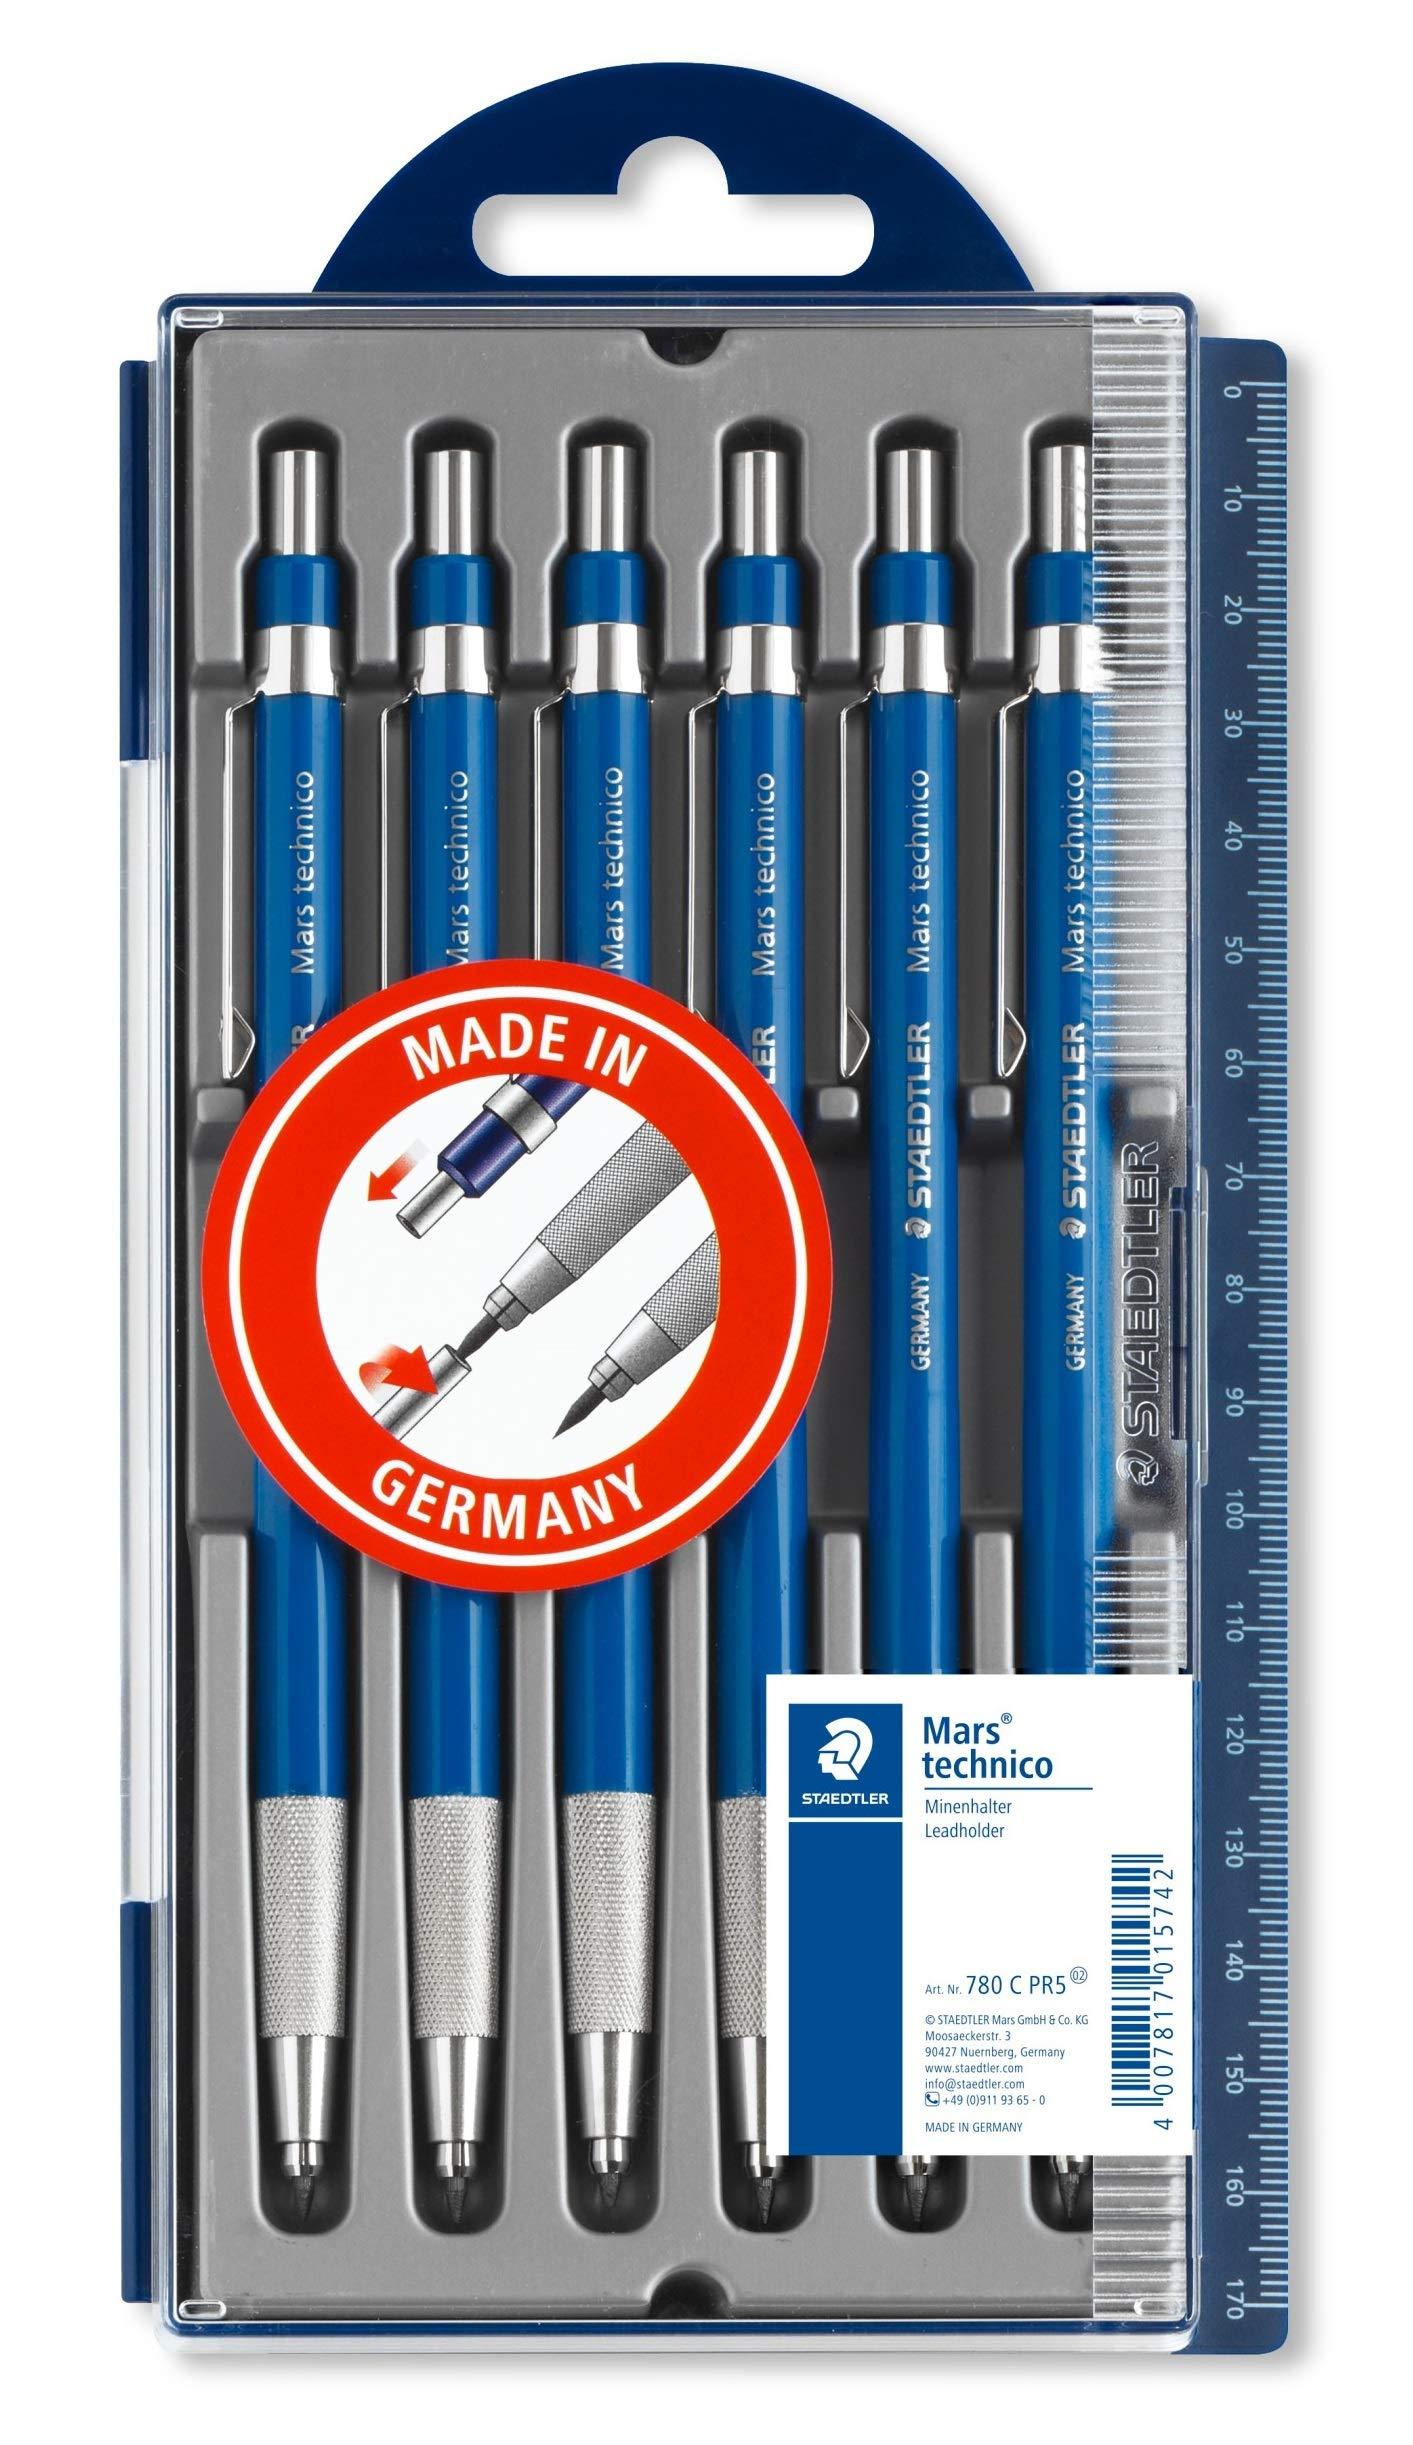 STAEDTLER Mars technico 780 C PR5 Leadholder Pencil with Sharpener 2.0 mm - 5+1 Promotion by Staedtler